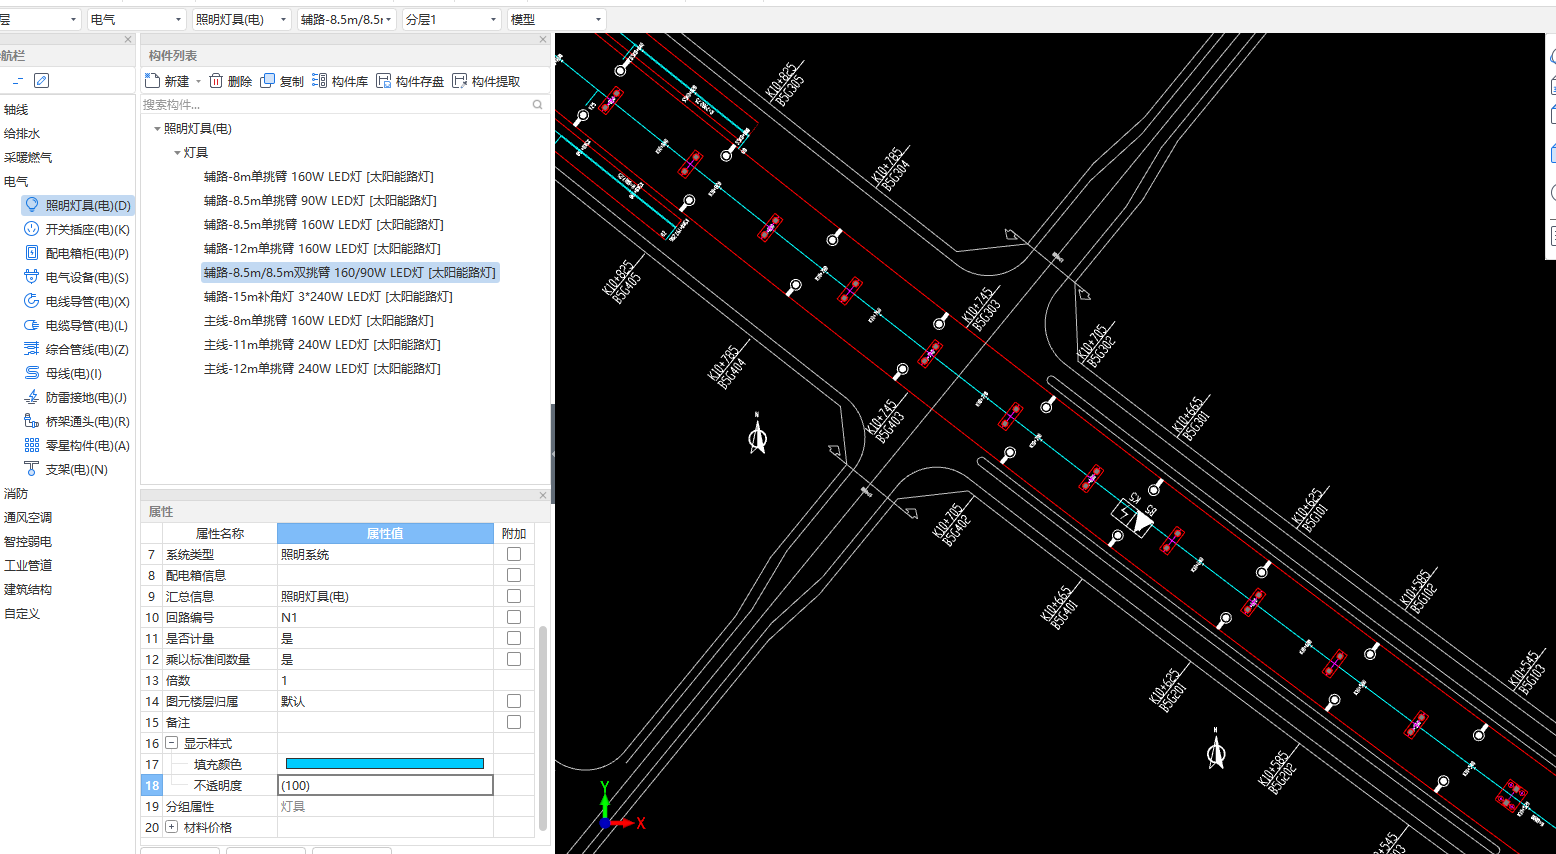 公路,安装,市政,江西,答疑:穿刺线夹个数问题-江西安装,市政,公路,